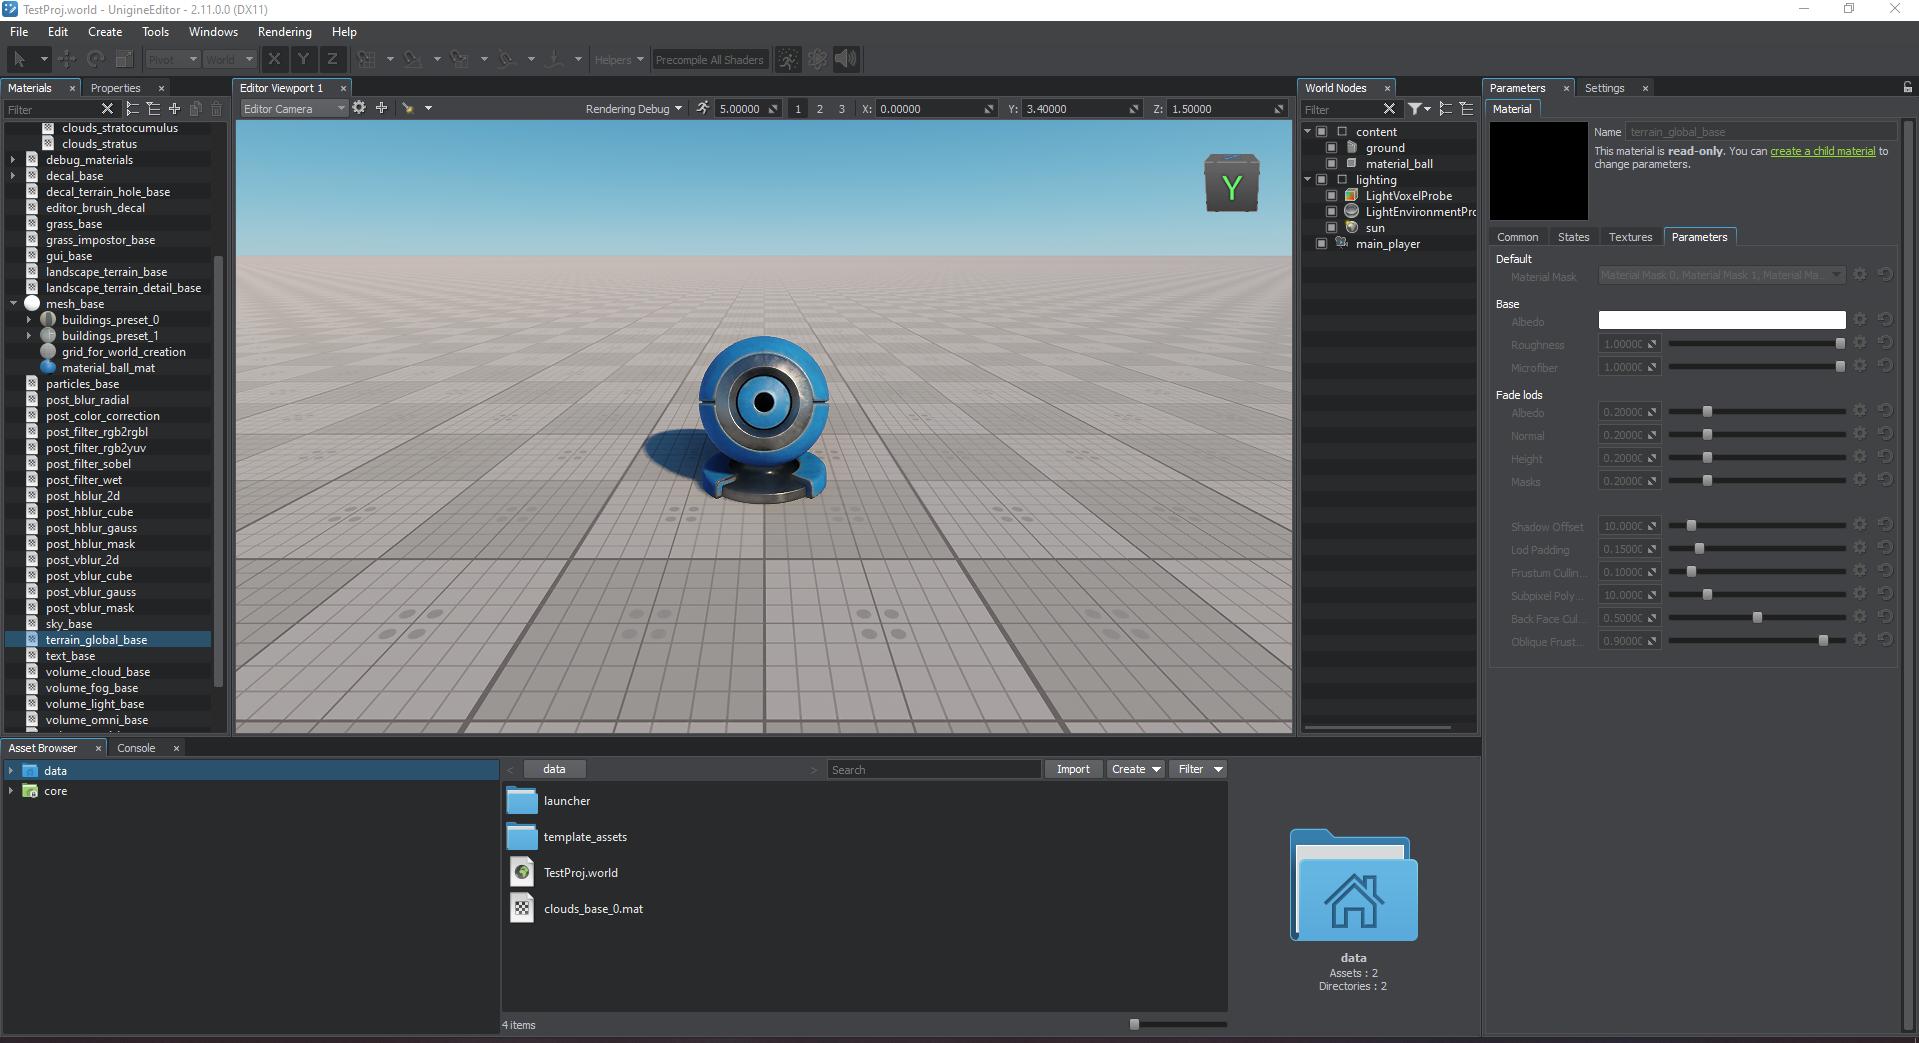 uniedit | 3D-движок UNIGINE доступен бесплатно в издании Community (комментарии)